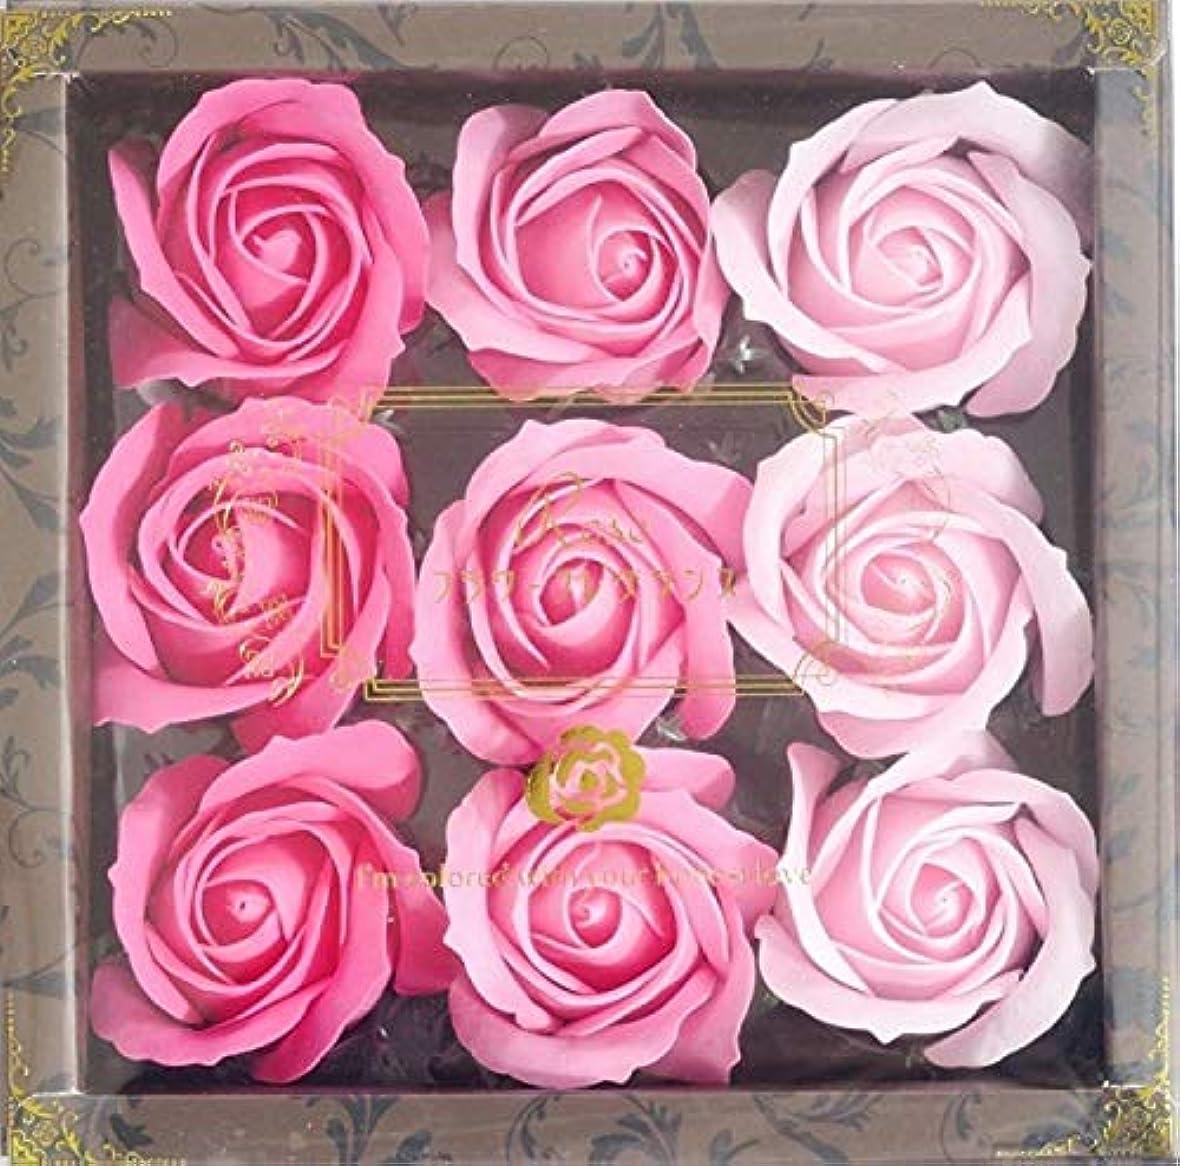 祭司バーベキュー使い込むバスフレグランス バスフラワー ローズフレグランス ピンクカラー お花の形の入浴剤 プレゼント ばら ギフト